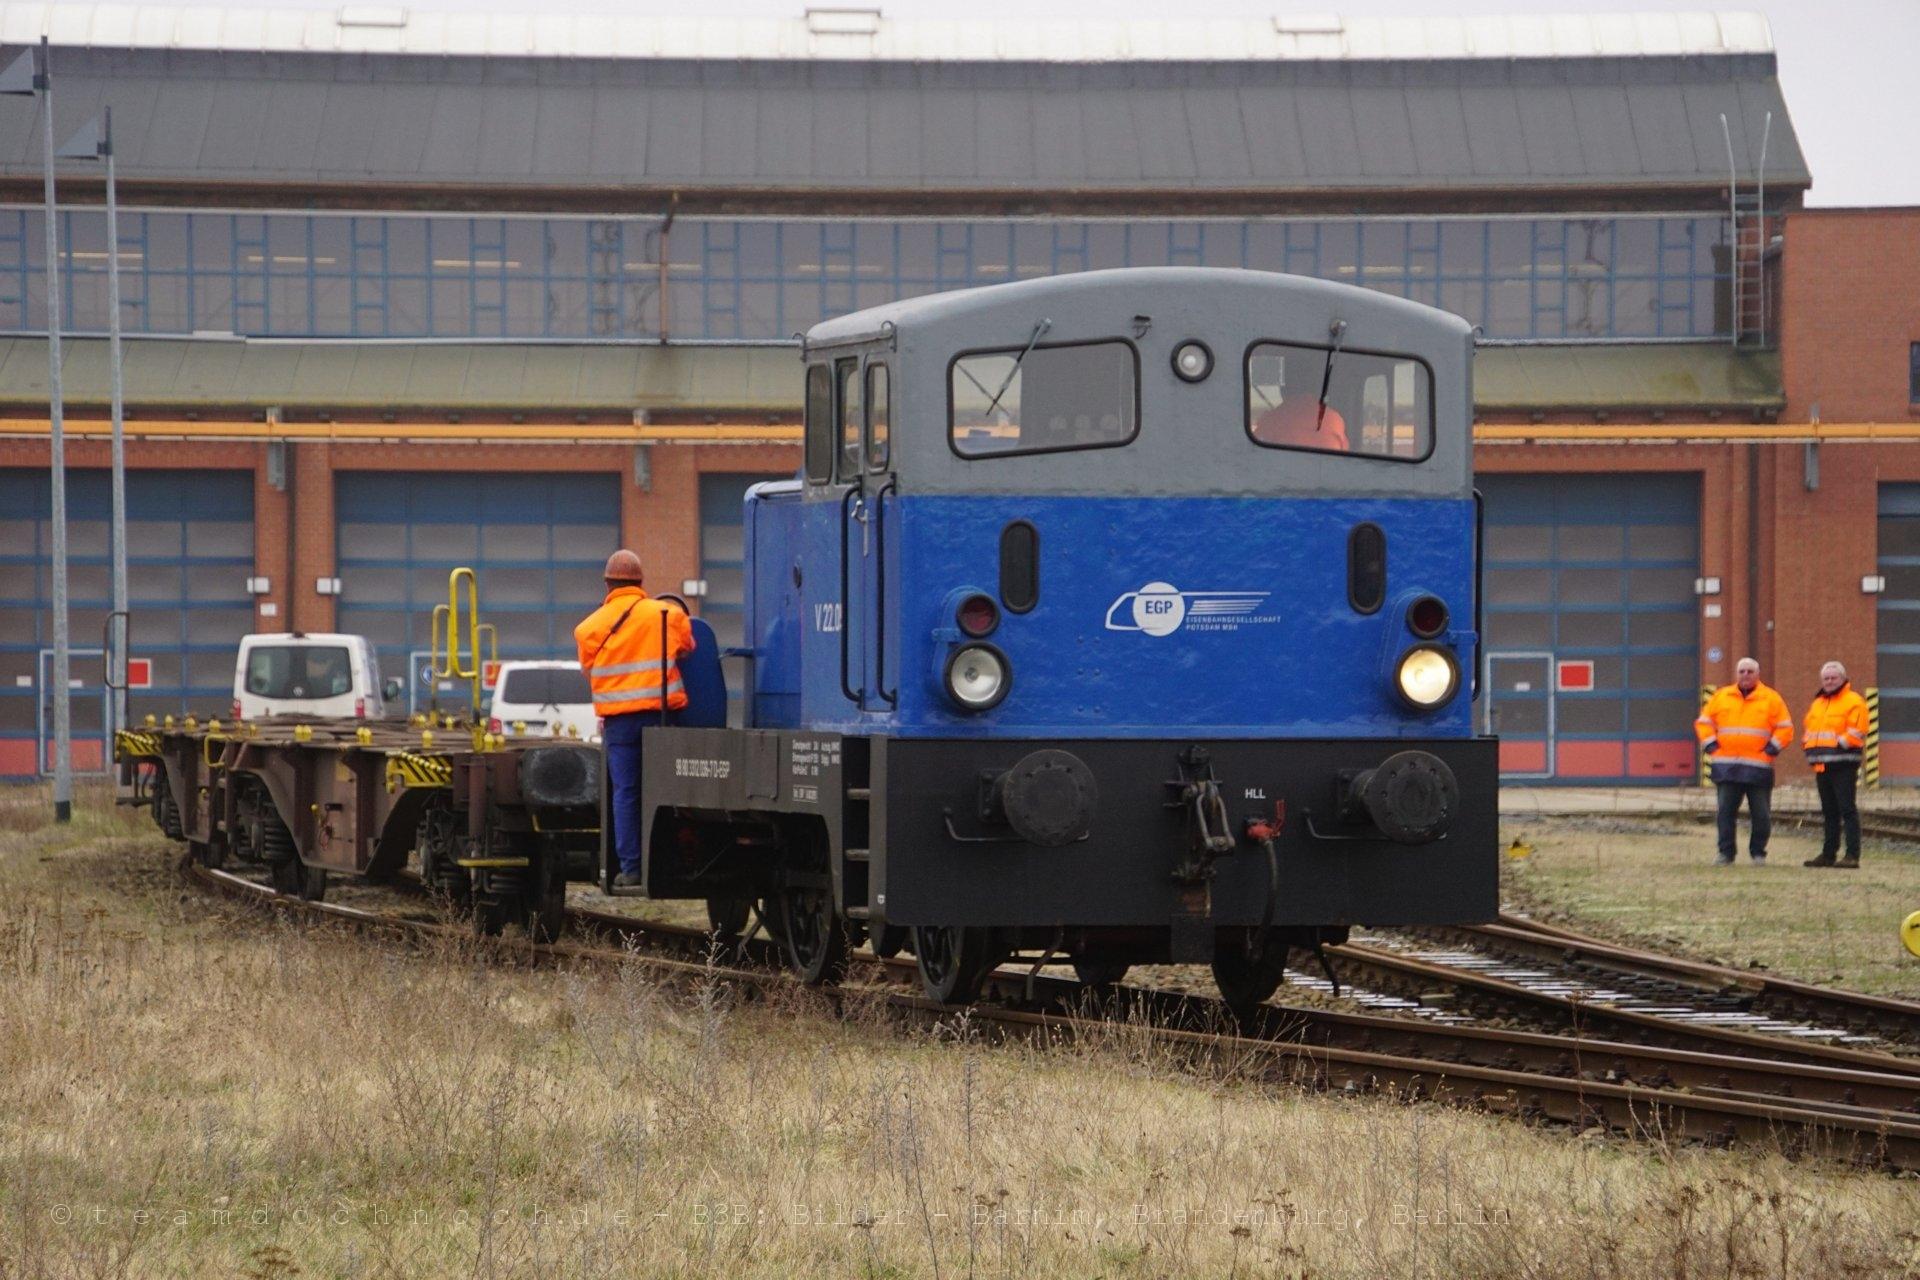 Bewegung auf dem Gelände des Eisenbahnwerk Eberswalde GmbH